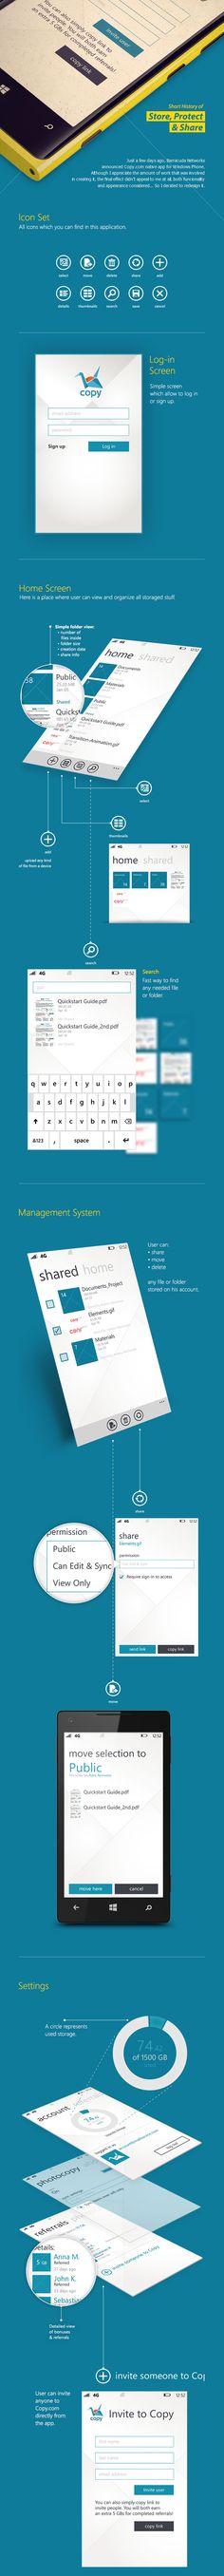 Copy.com Windows Phone App – Redesign